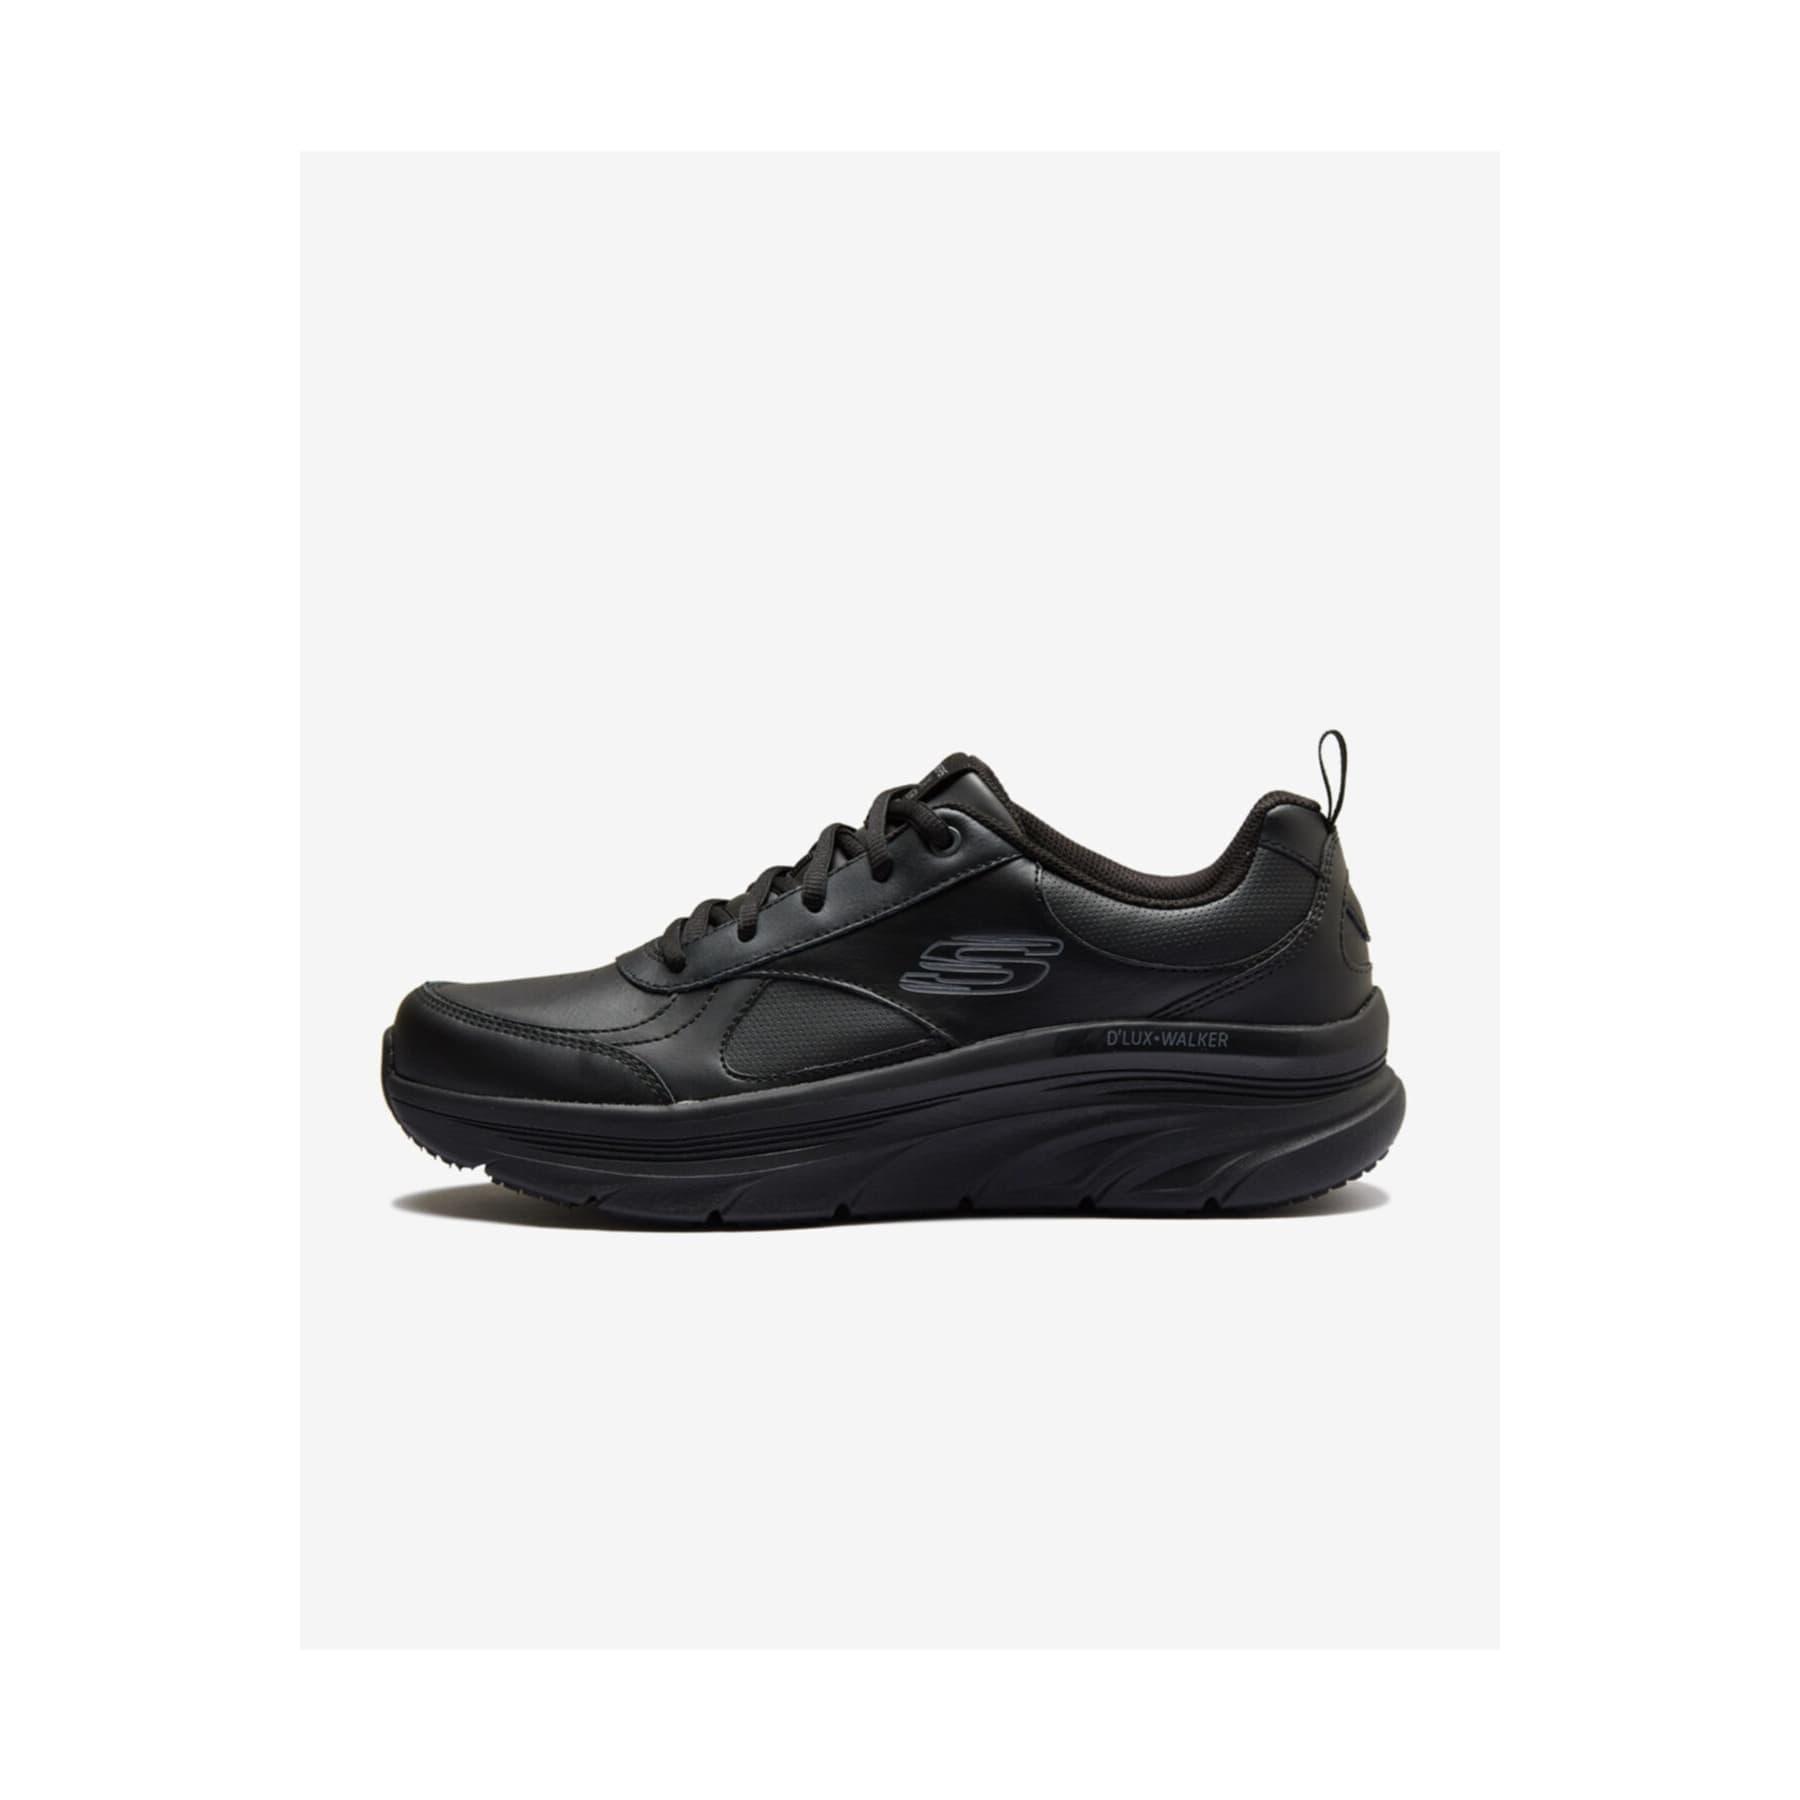 D'lux Walker Erkek Siyah Spor Ayakkabı (232164 BBK)